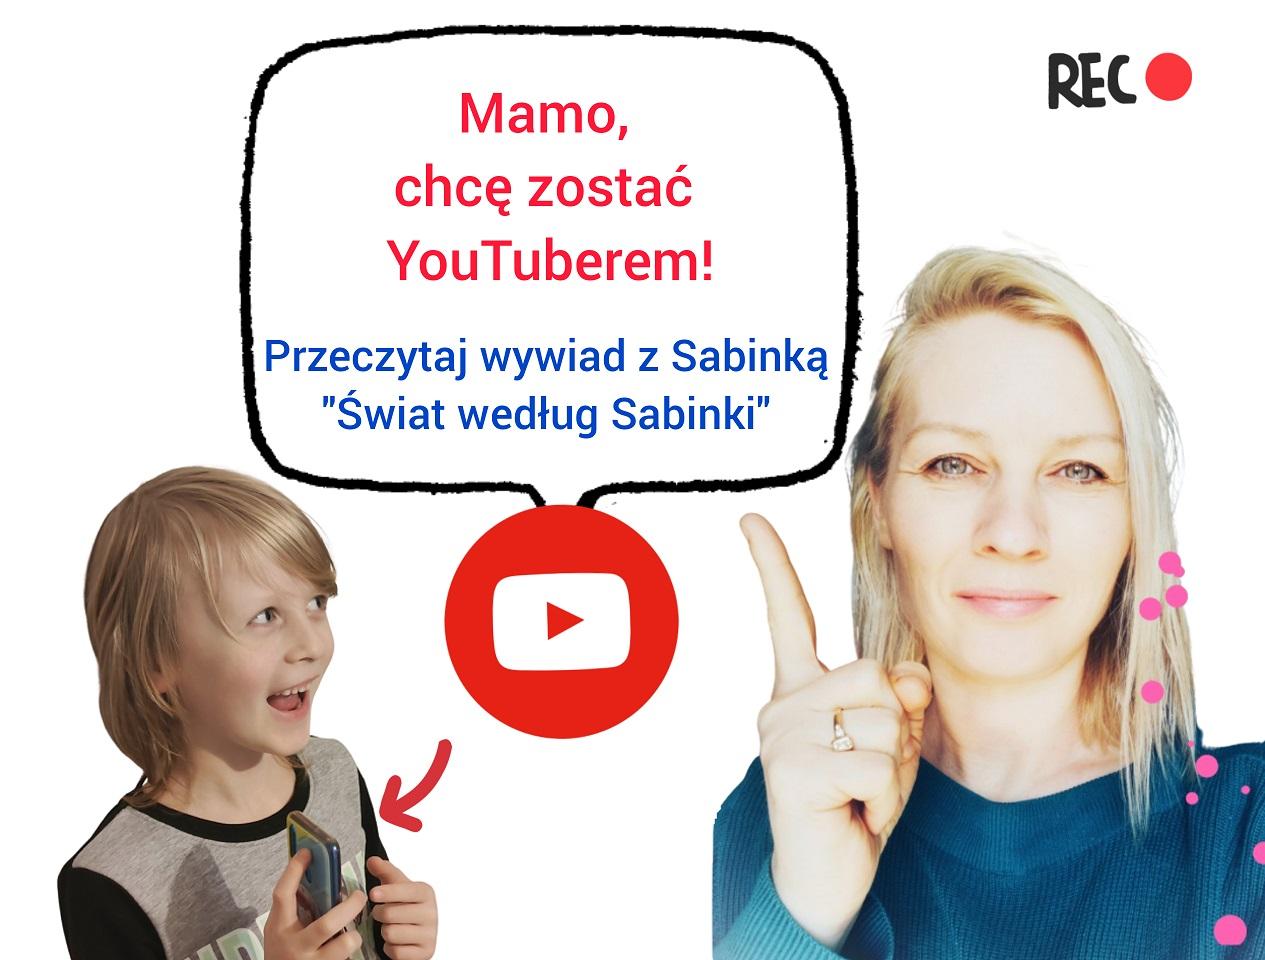 moje dziecko chce zostać youtuberem